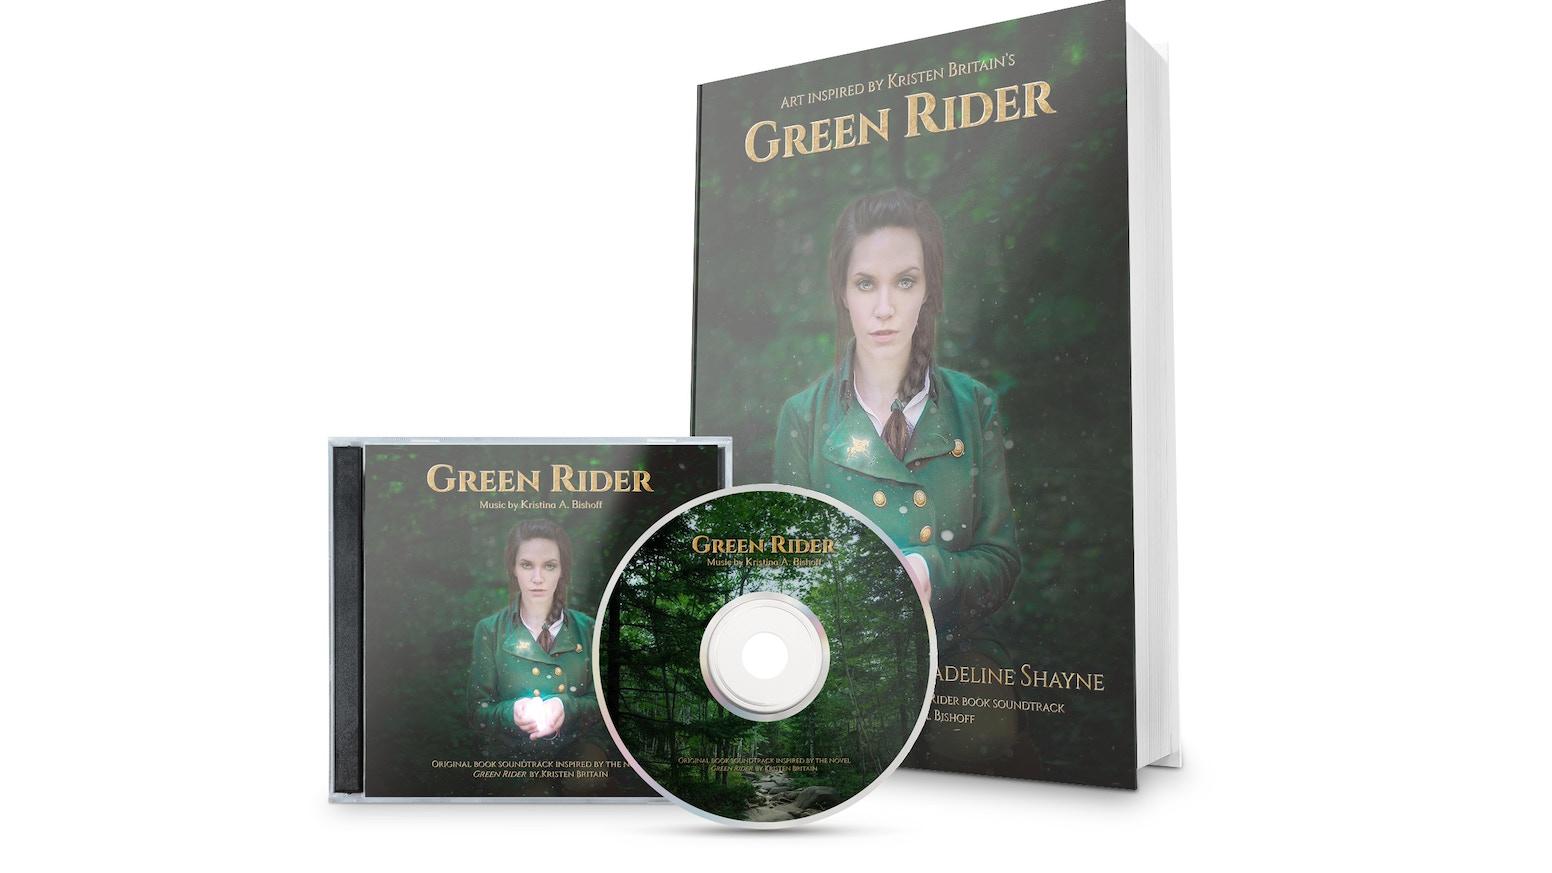 green rider britain kristen